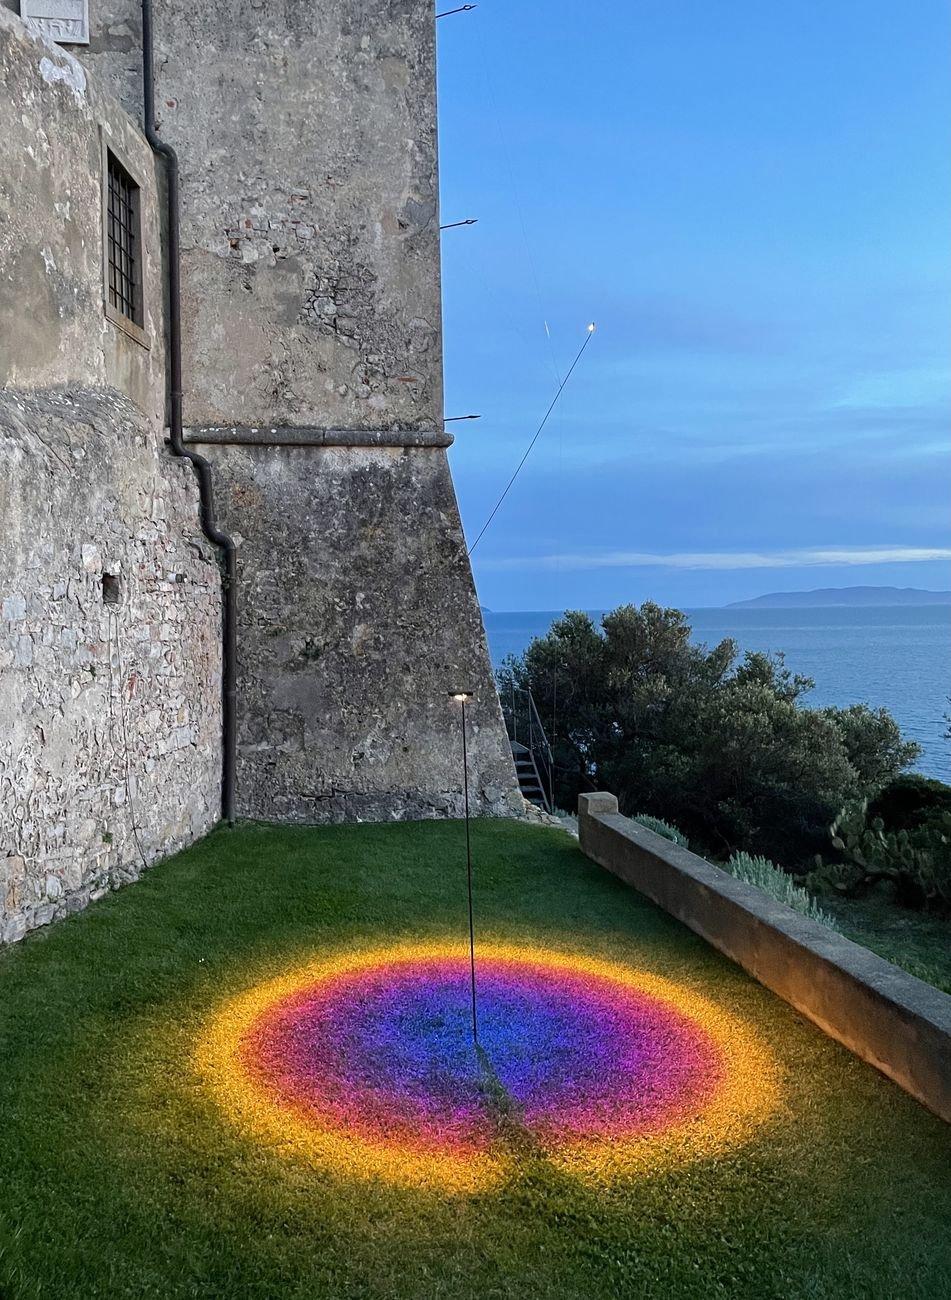 Hypermaremma 2021. Mandalaki, Hymn to the Sun. Torre di Talamonaccio, baia di Talamone